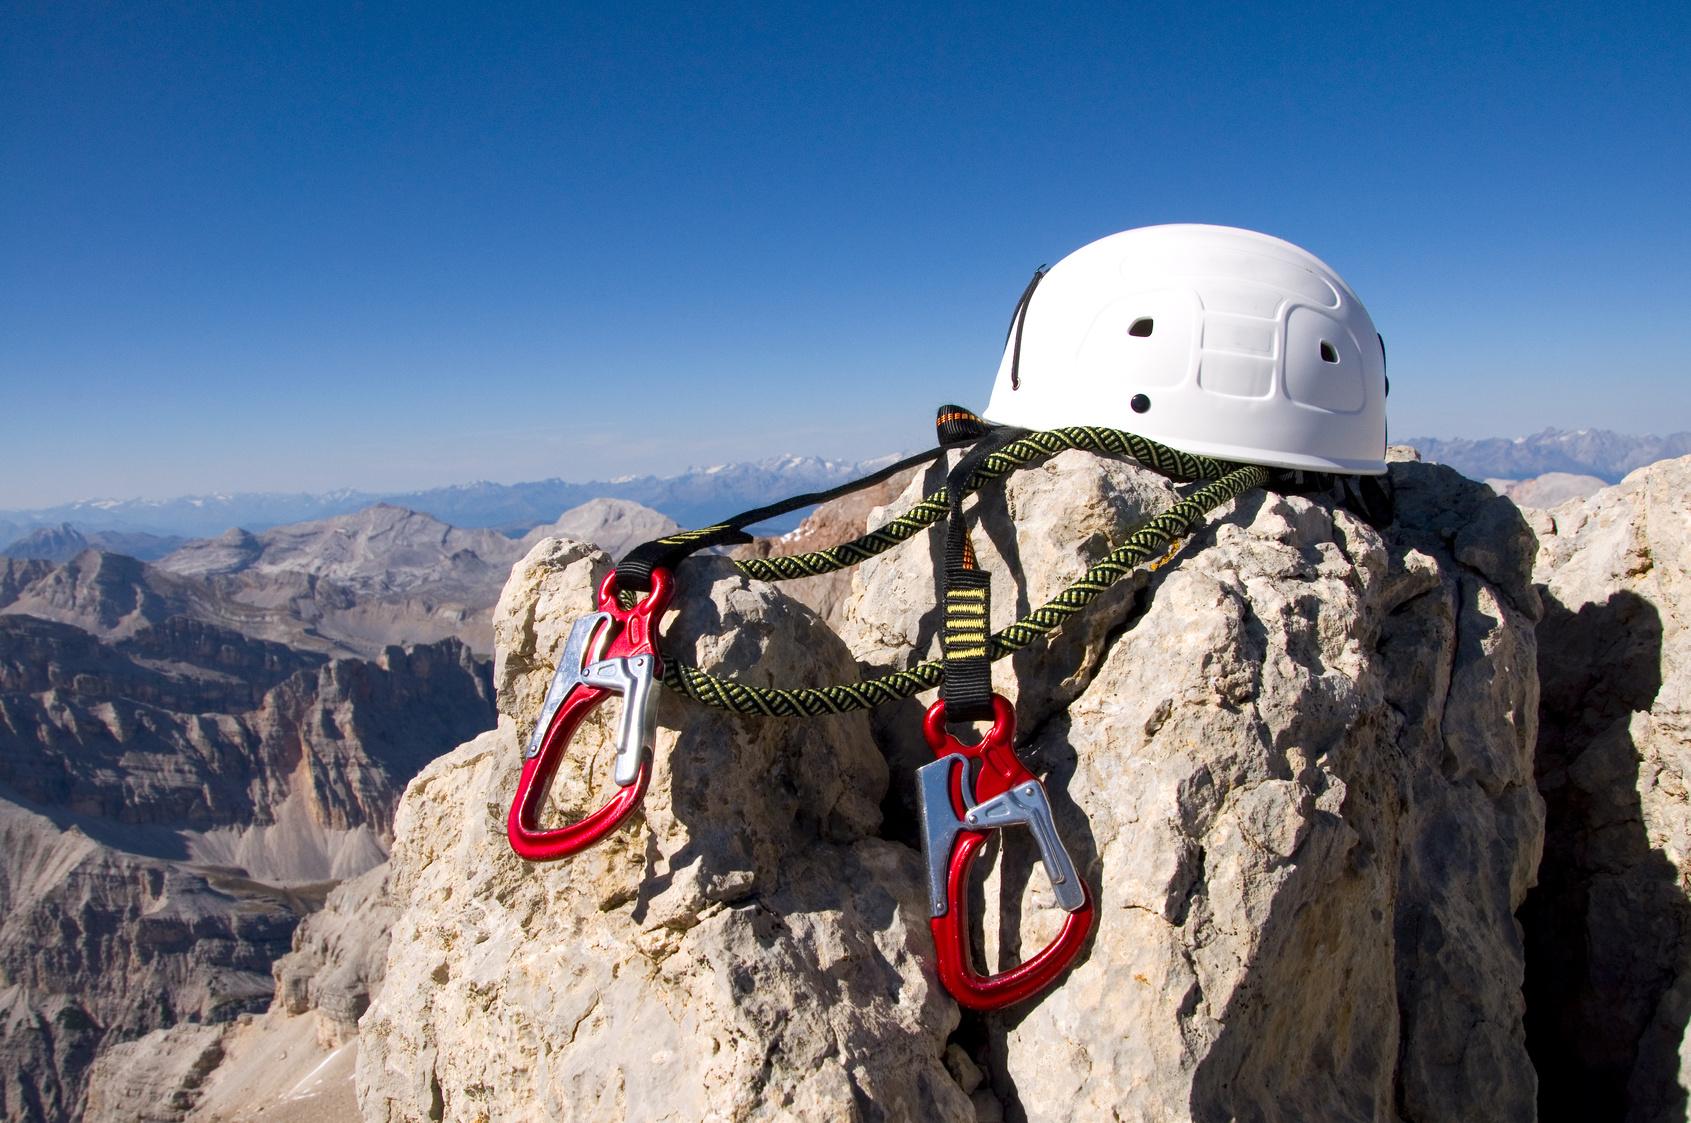 Kletterausrüstung Leihen München : Via ferrata paradies der klettersteige rund um den gardasee